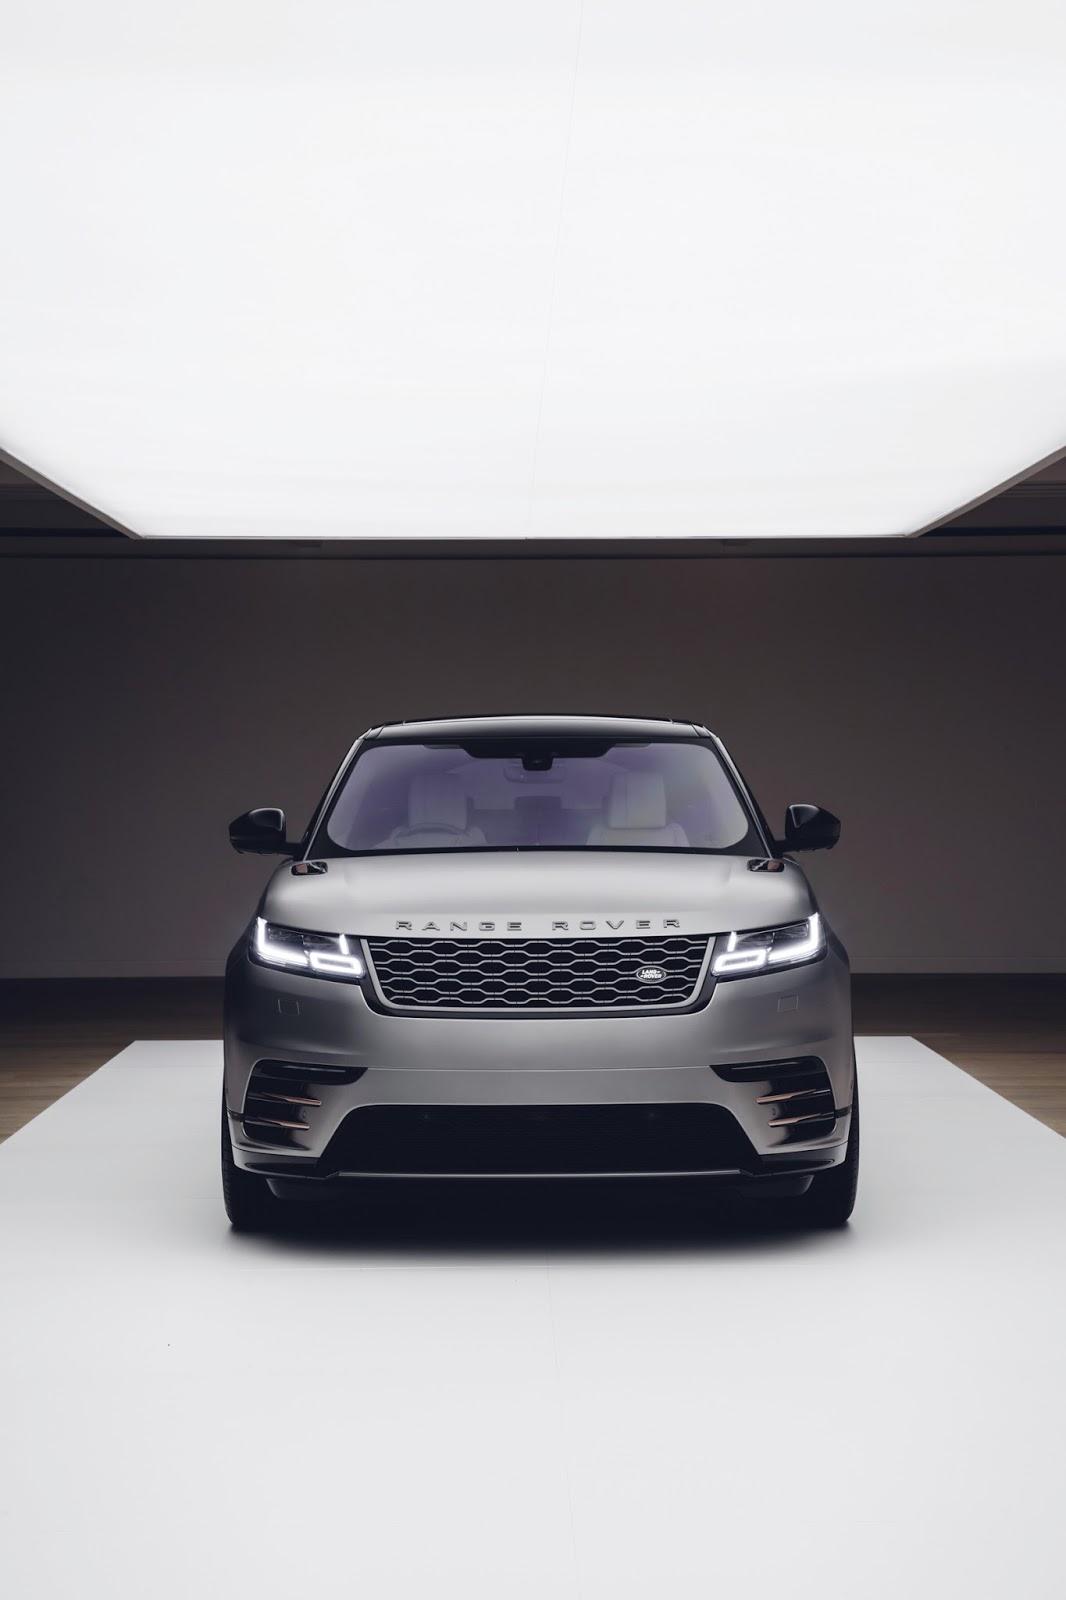 Range Rover Velar in Geneva 2017 (48)